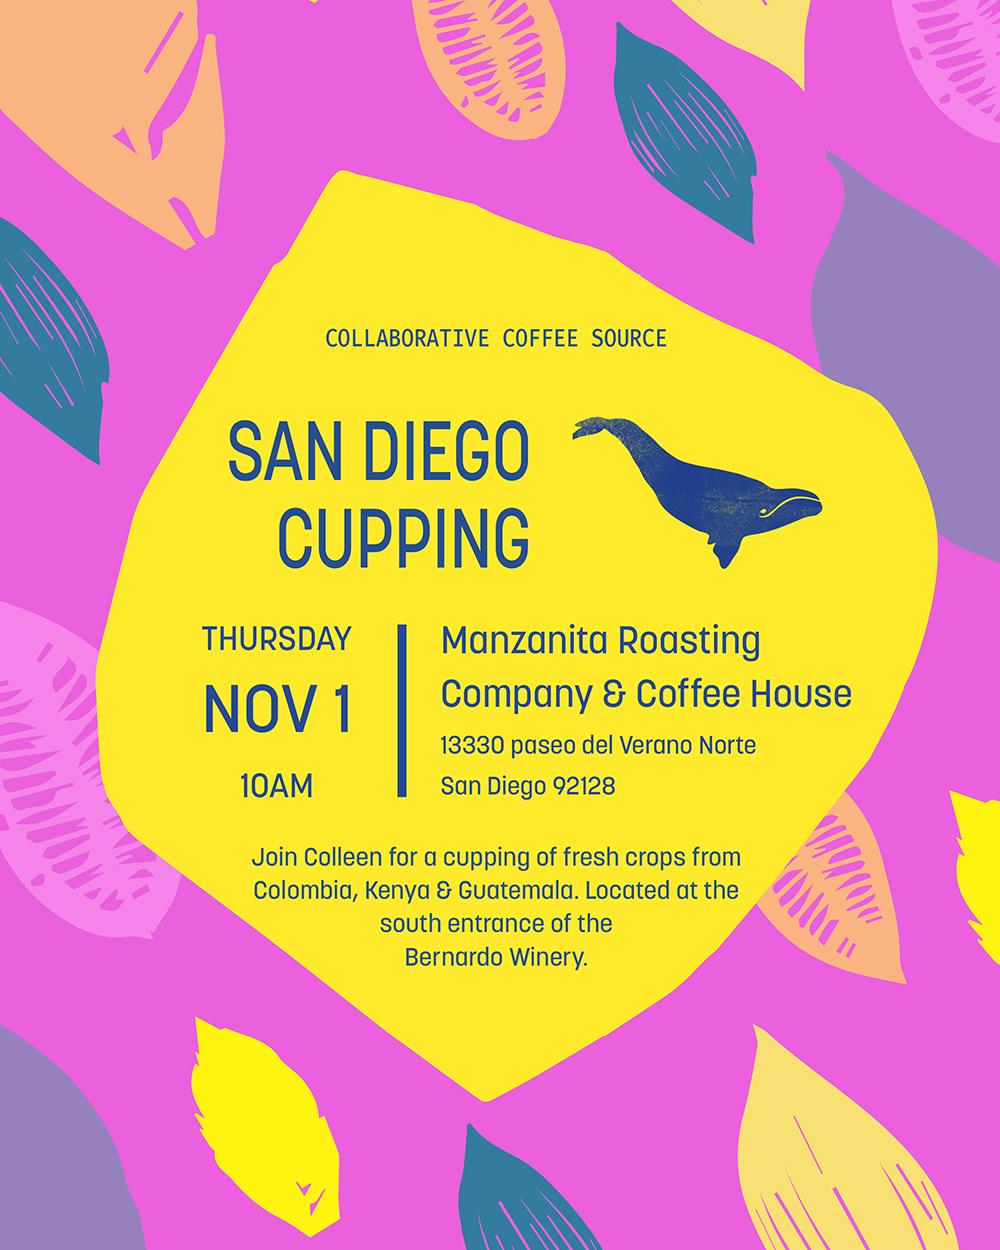 San Diego Cupping sm.jpg